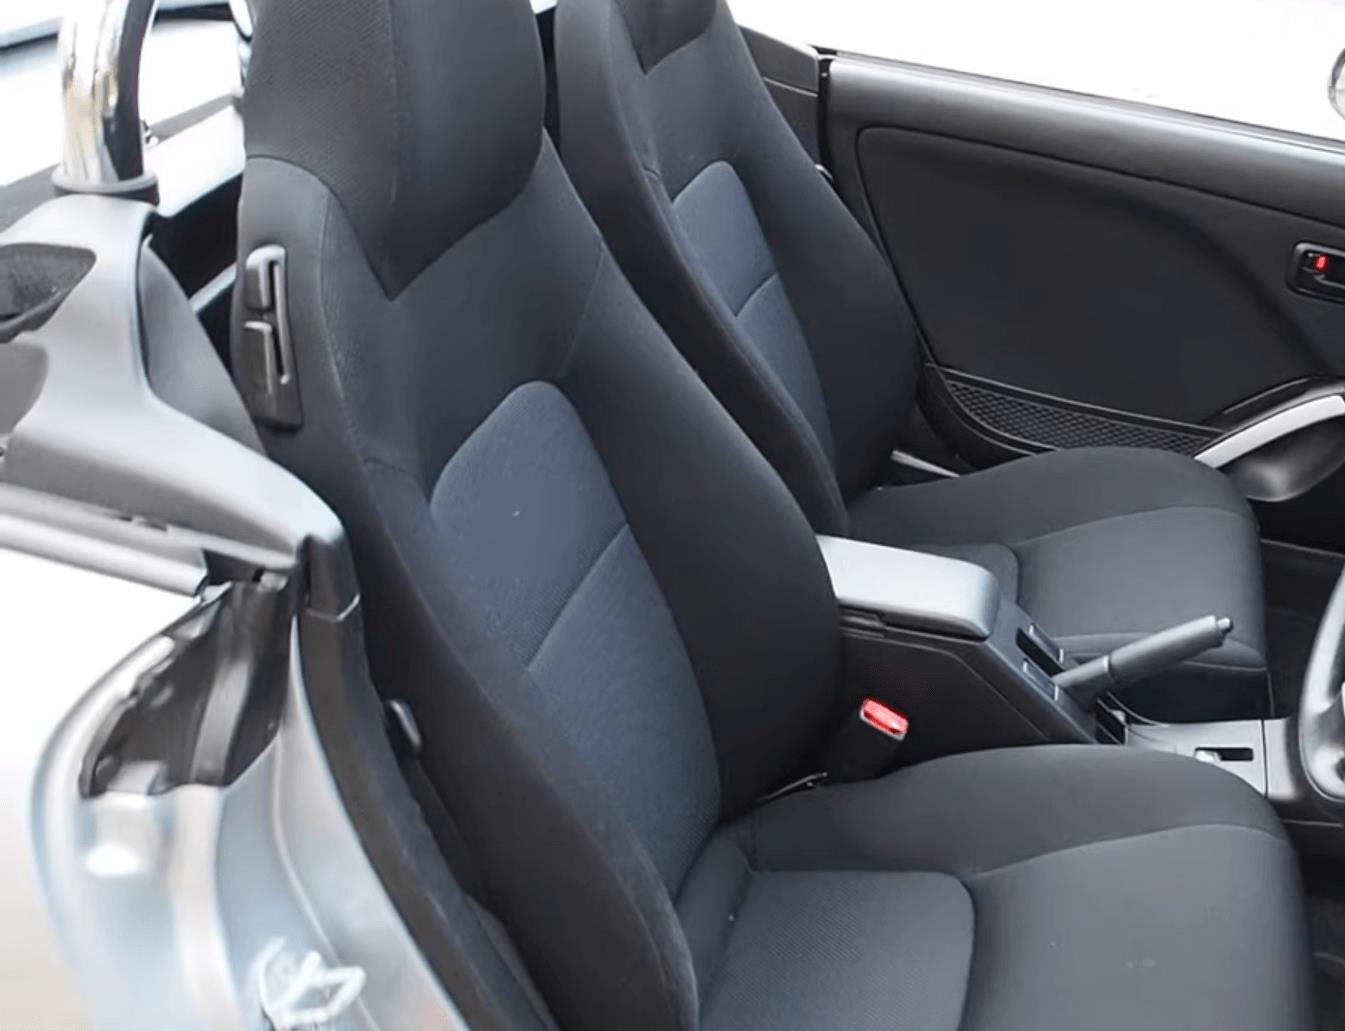 Gambar ini menunjukkan jok pada mobil Daihatsu Copen 2003 :